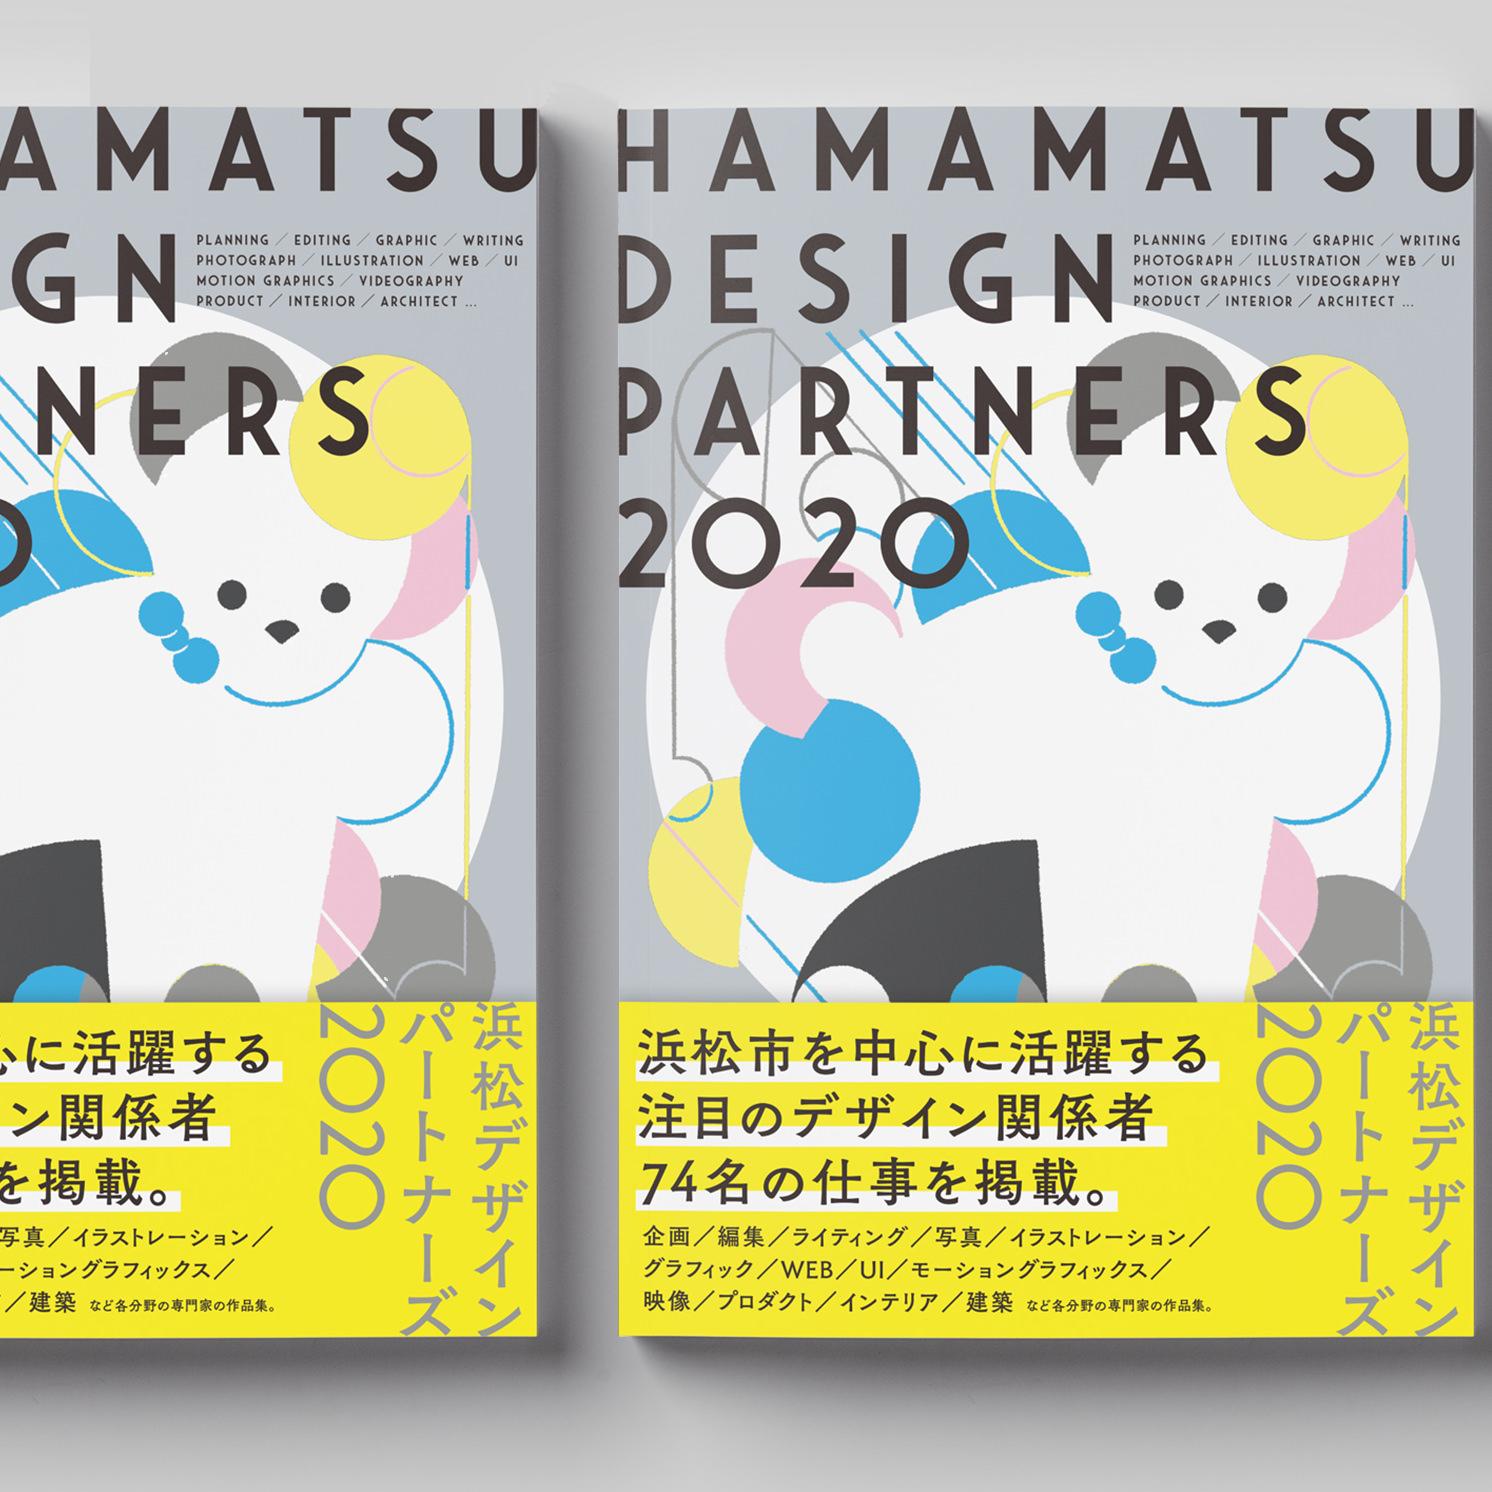 浜松デザインパートナーズ2020 表紙